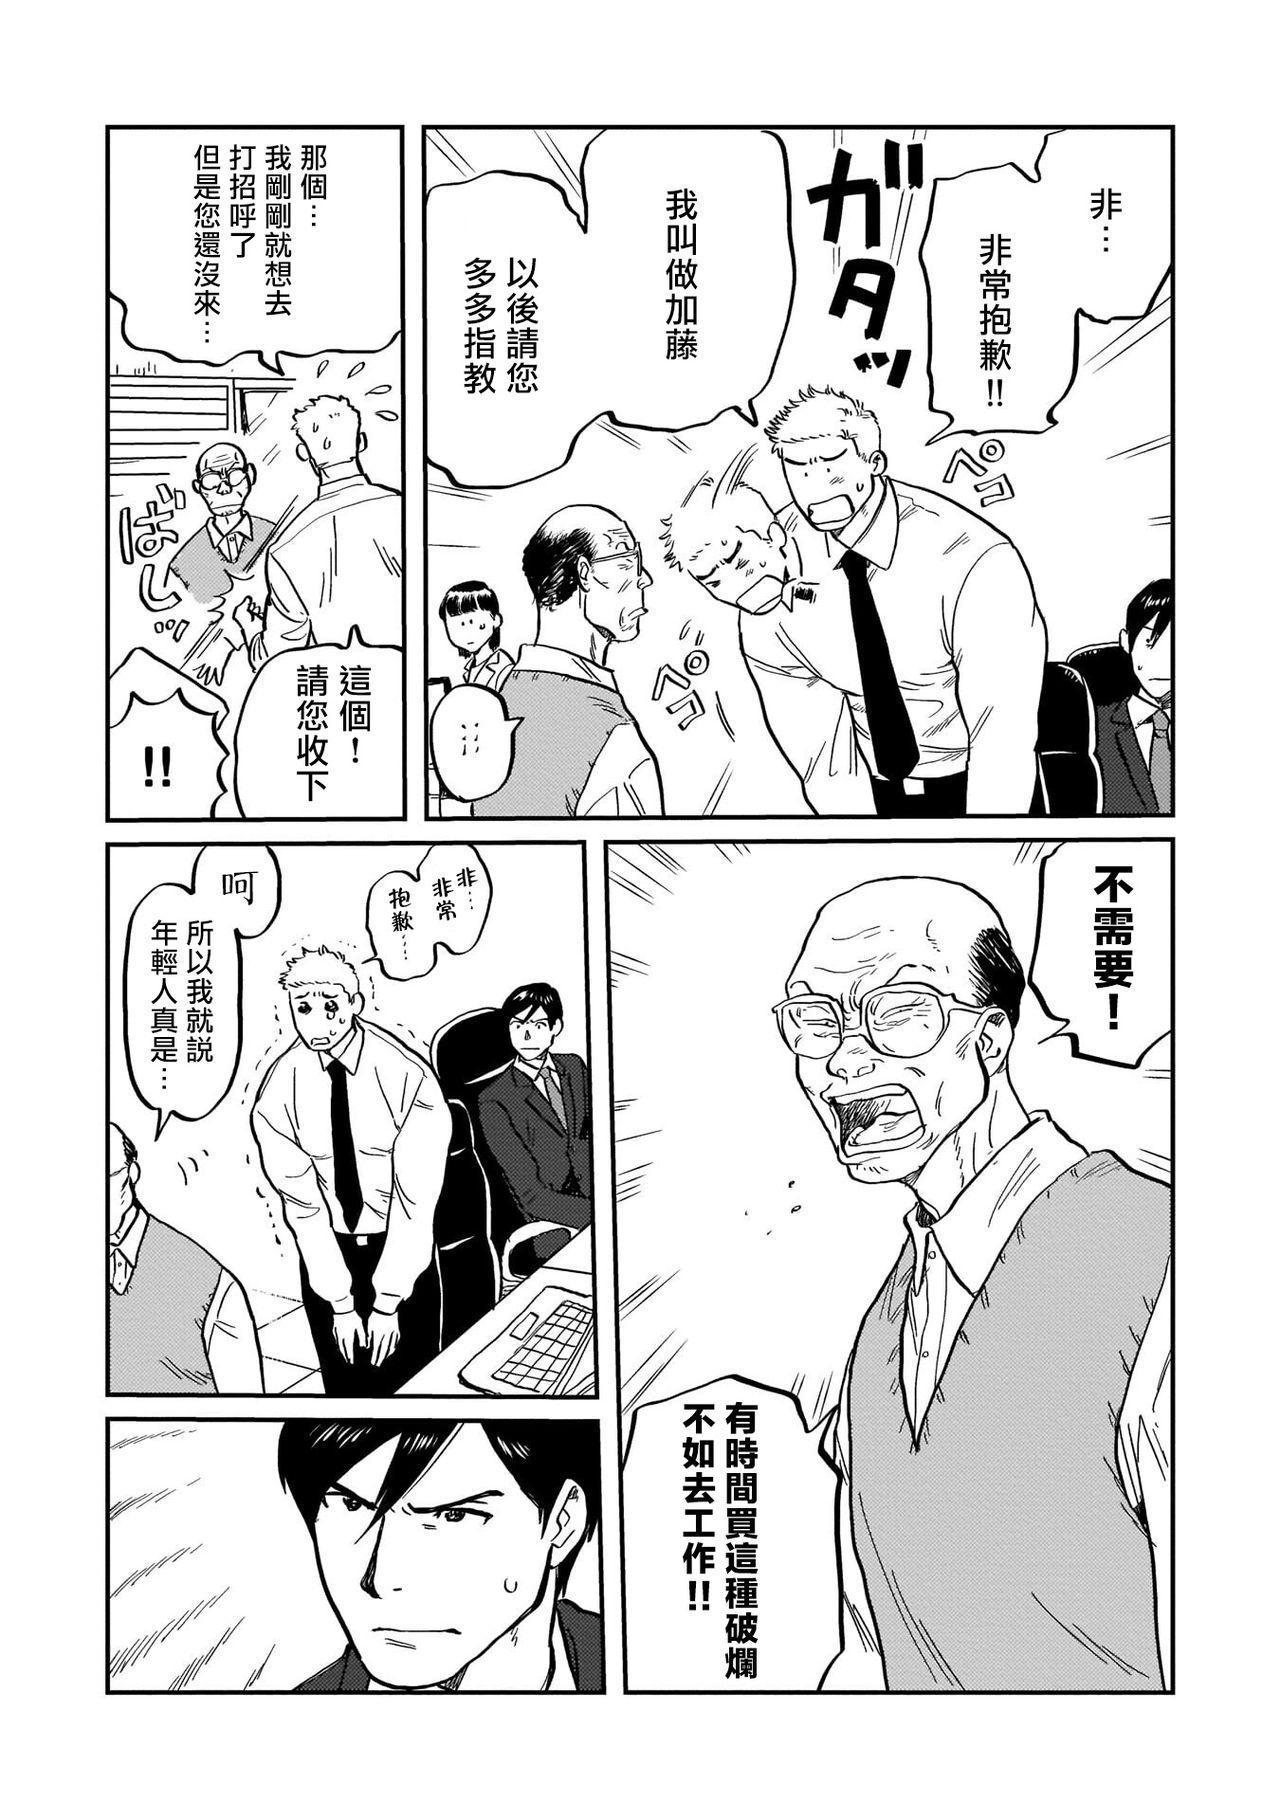 Kouhai no Oppai ga Suki Sugiru | 我太喜欢后辈的奶子了 Ch. 1-2 34